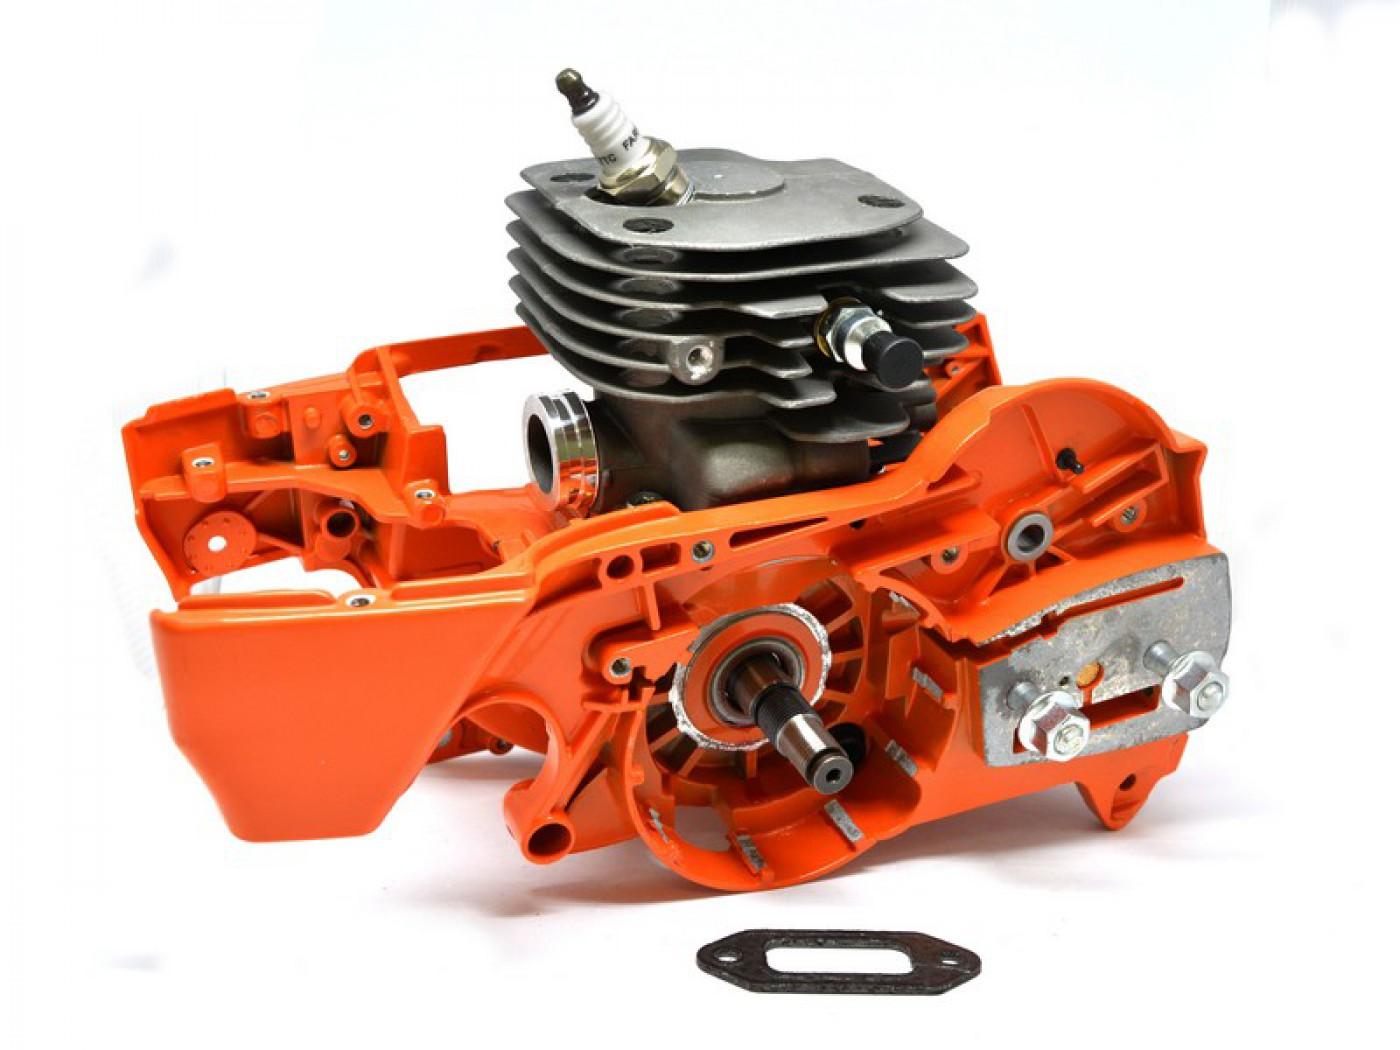 Motor Husqvarna 372 + kliková skříň + UŠETŘÍTE 700 Kč - 52 mm